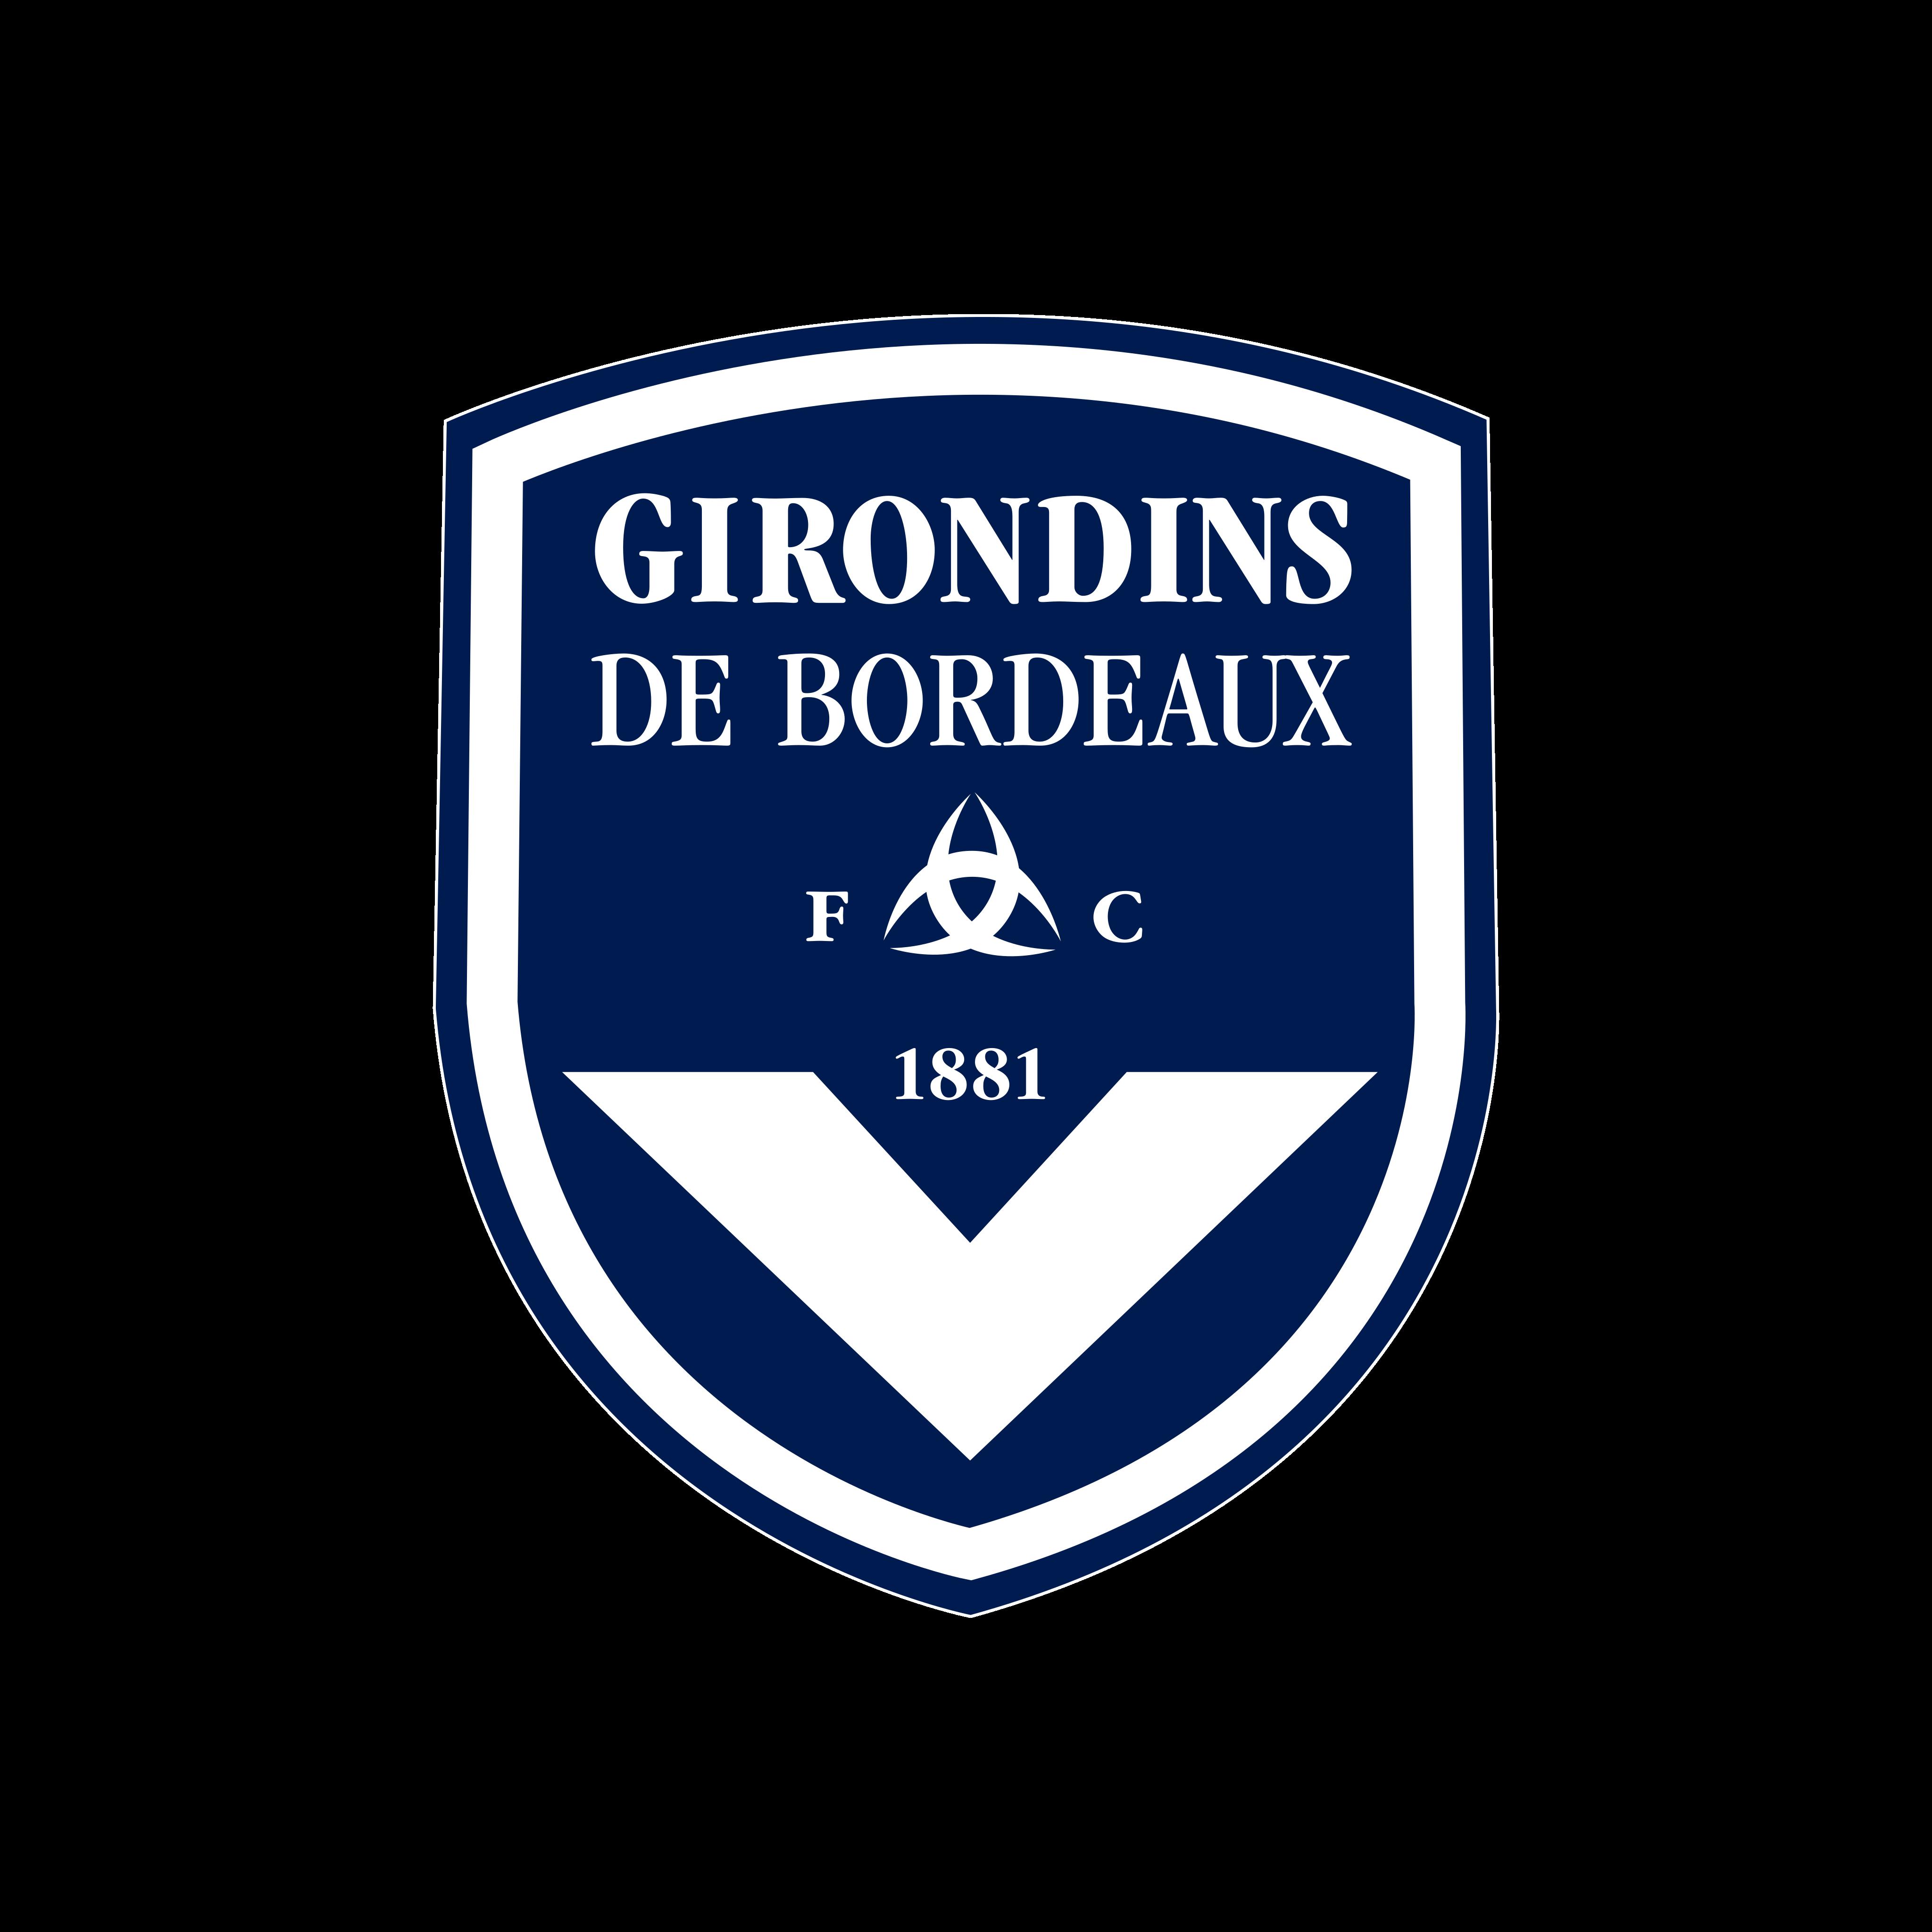 fc bordeaux logo 0 - FC Bordeaux Logo